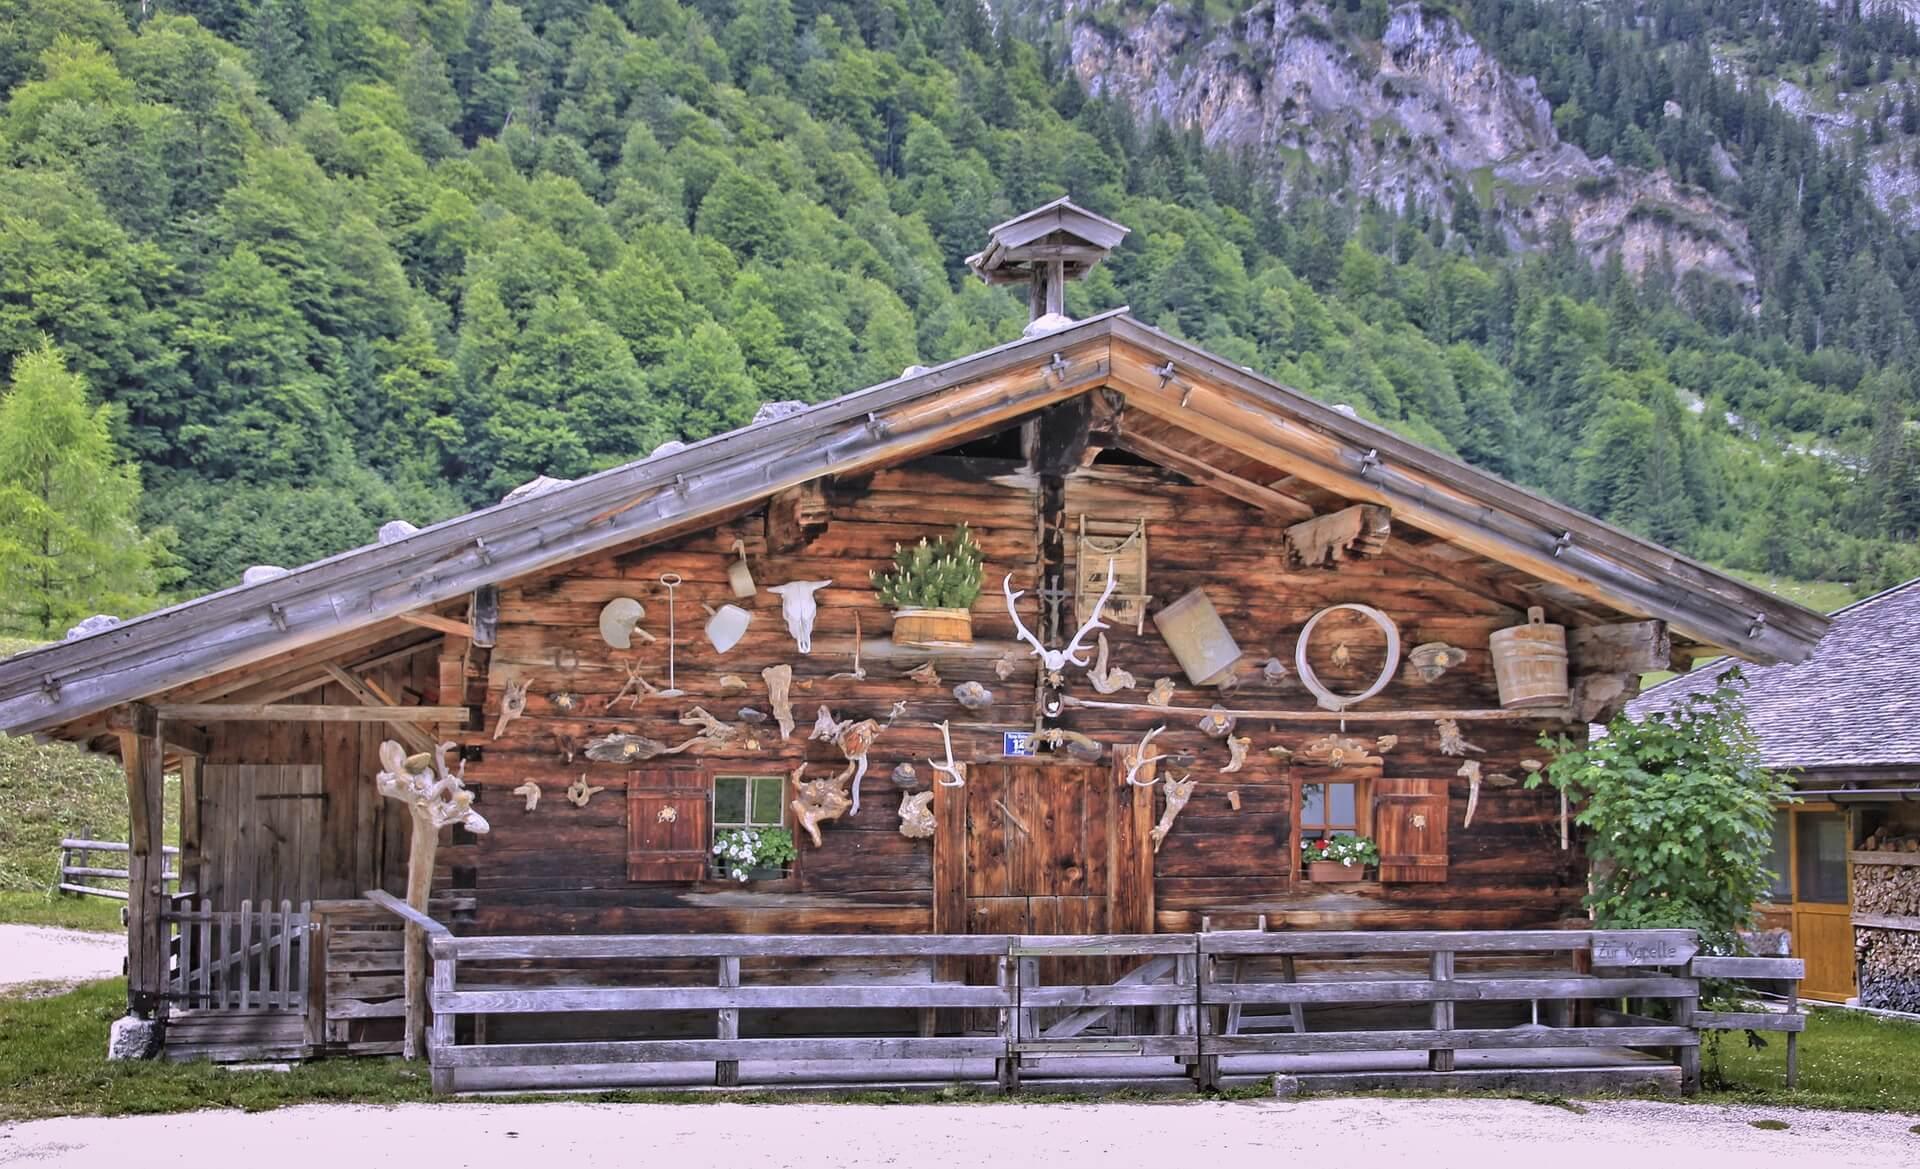 Dom z bali - wady, zalety i koszty